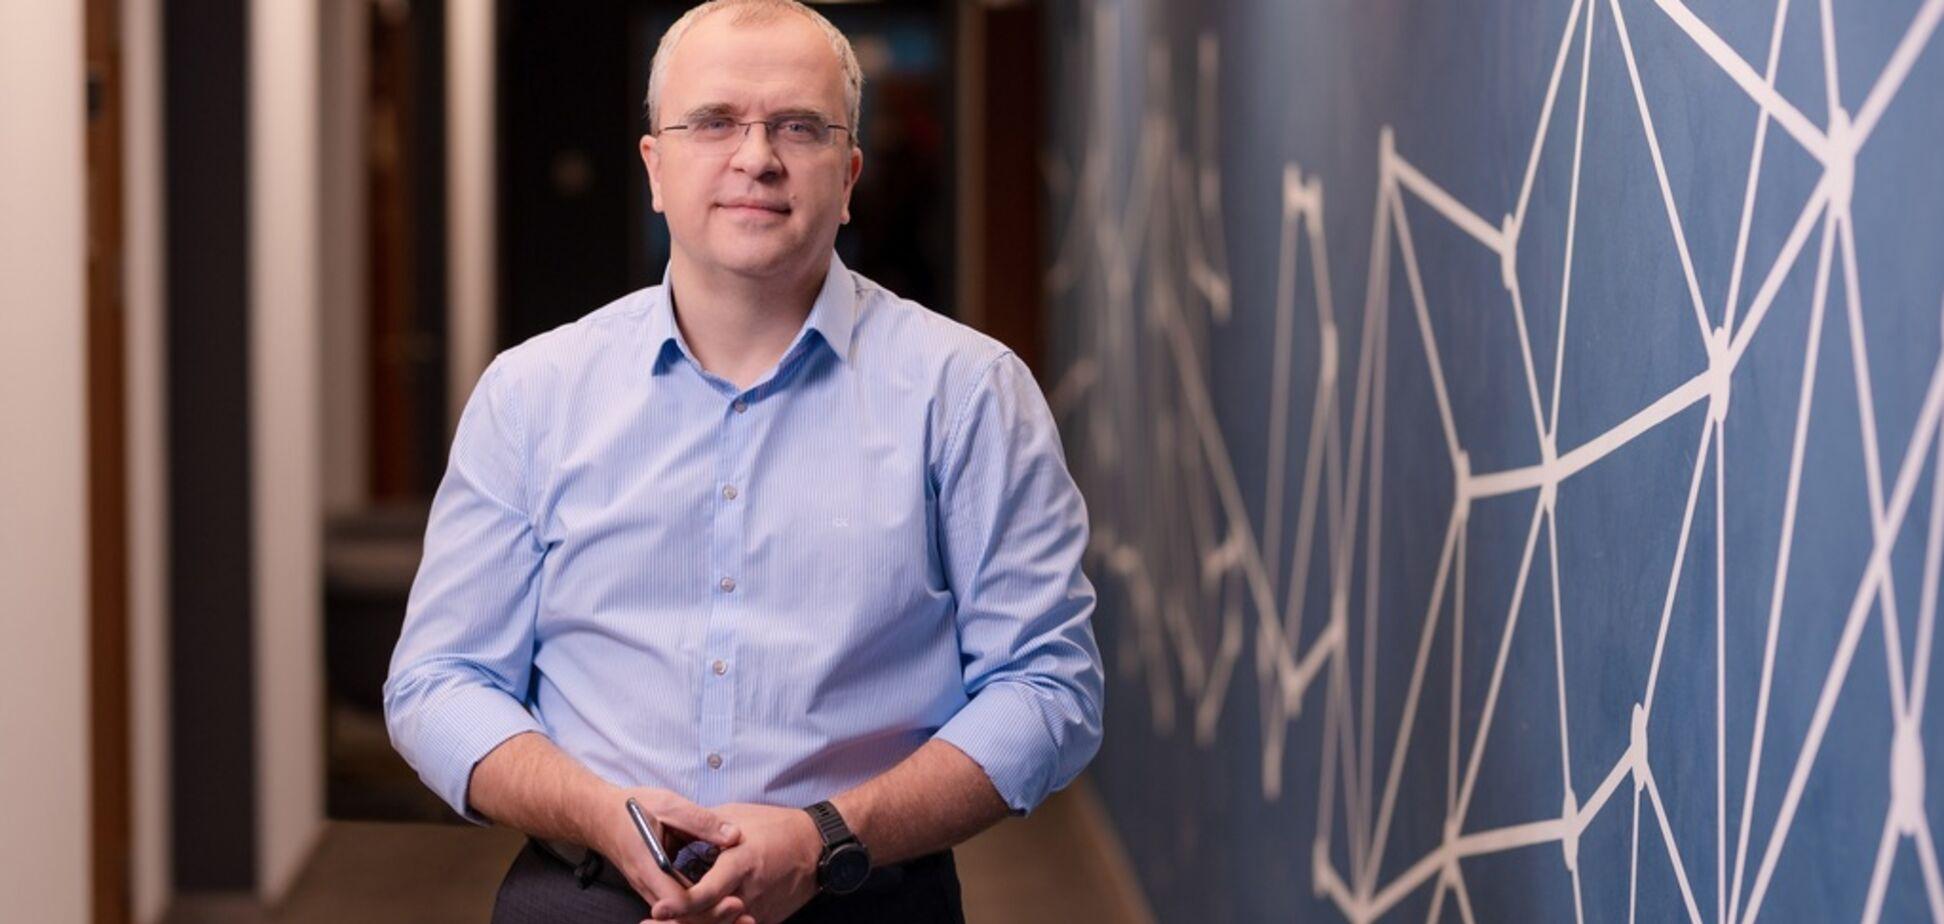 Про розвиток 5G, тарифи на зв'язок та інтернет у метро: інтерв'ю з президентом компанії 'Київстар' Олександром Комаровим